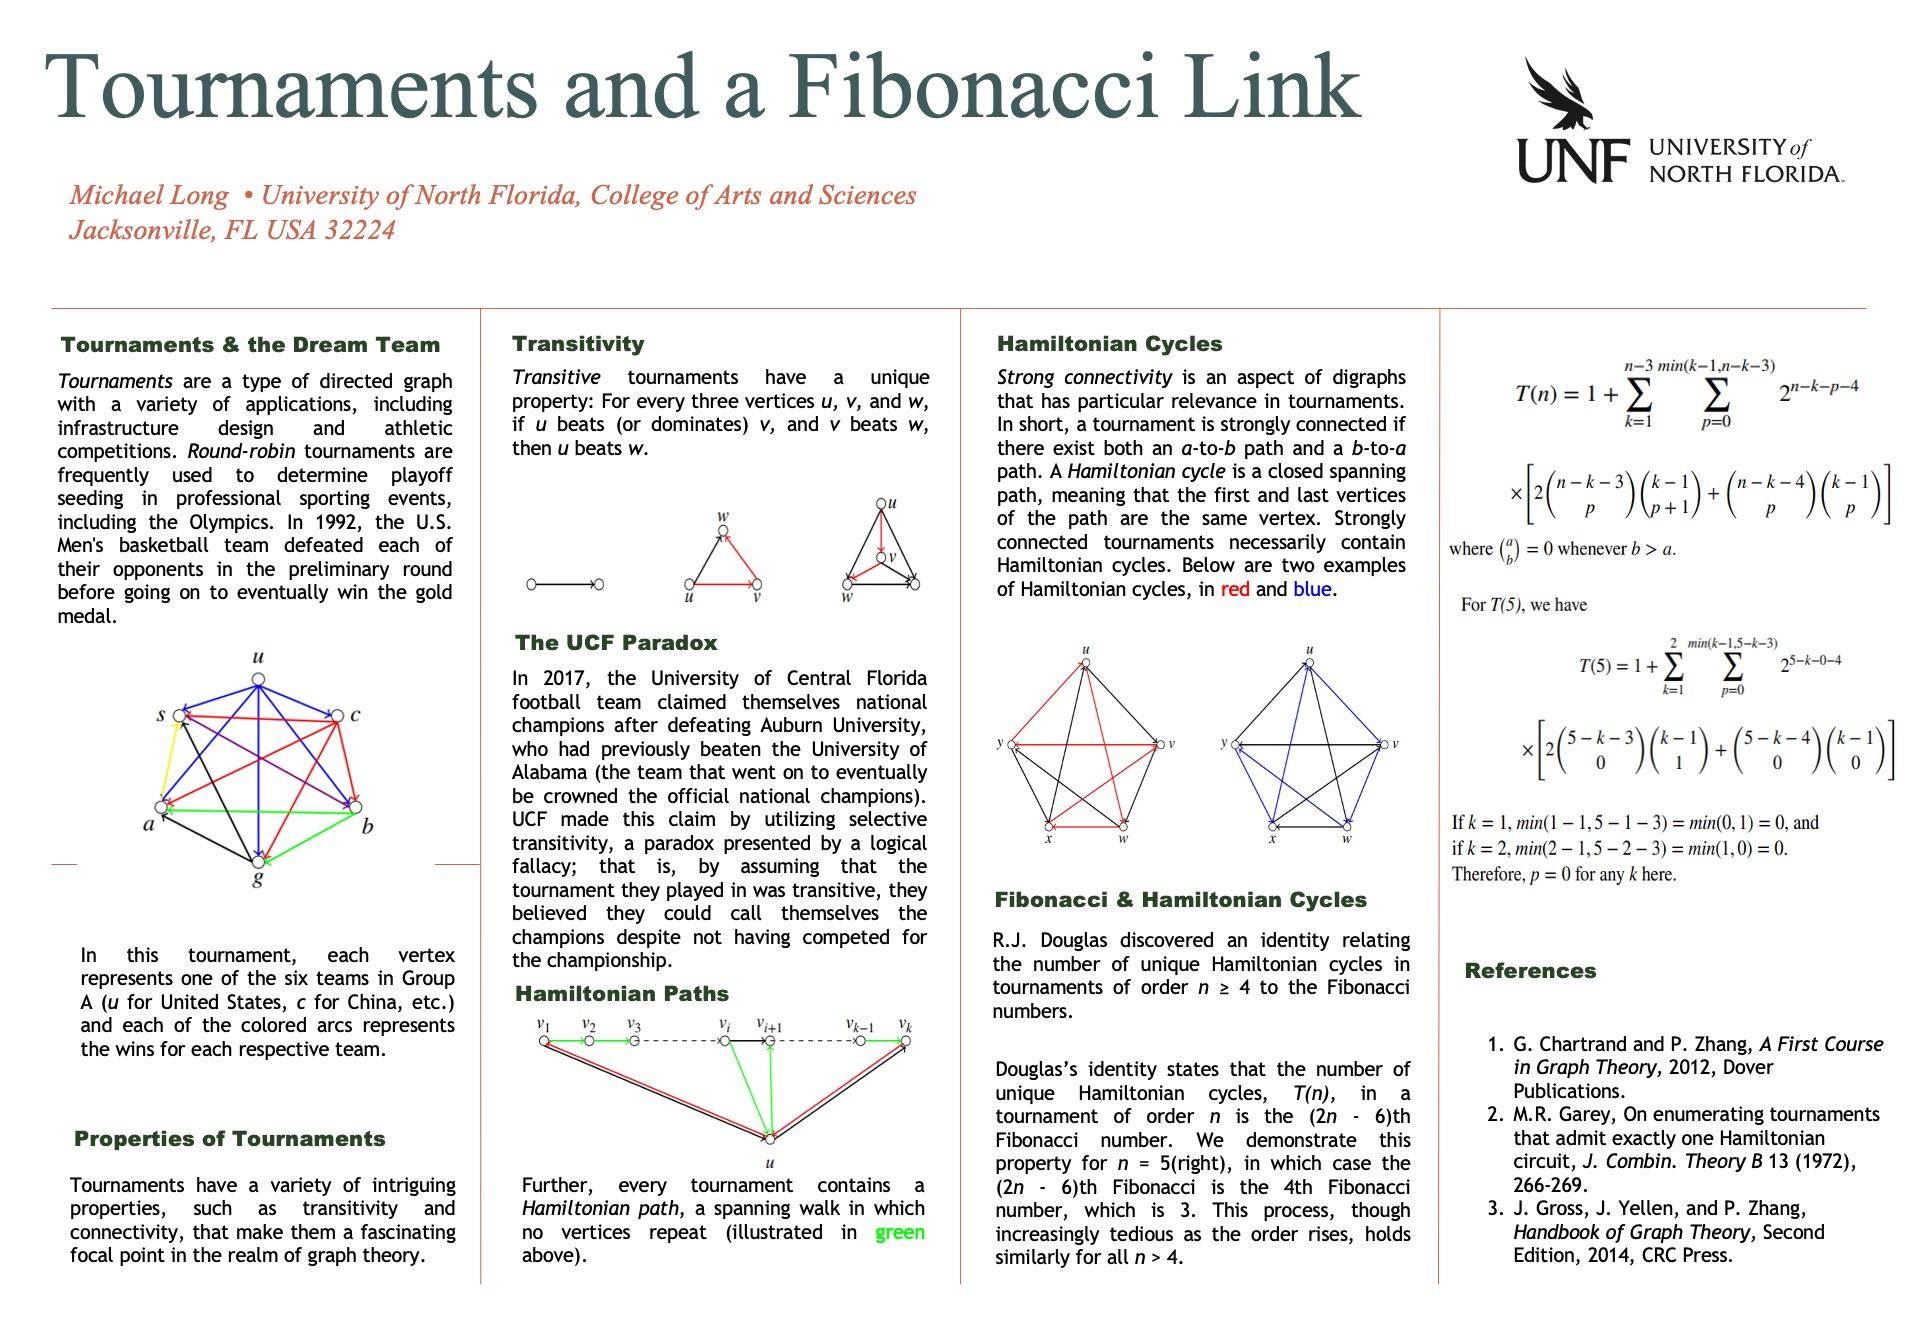 Tournaments and a Fibonacci Link poster